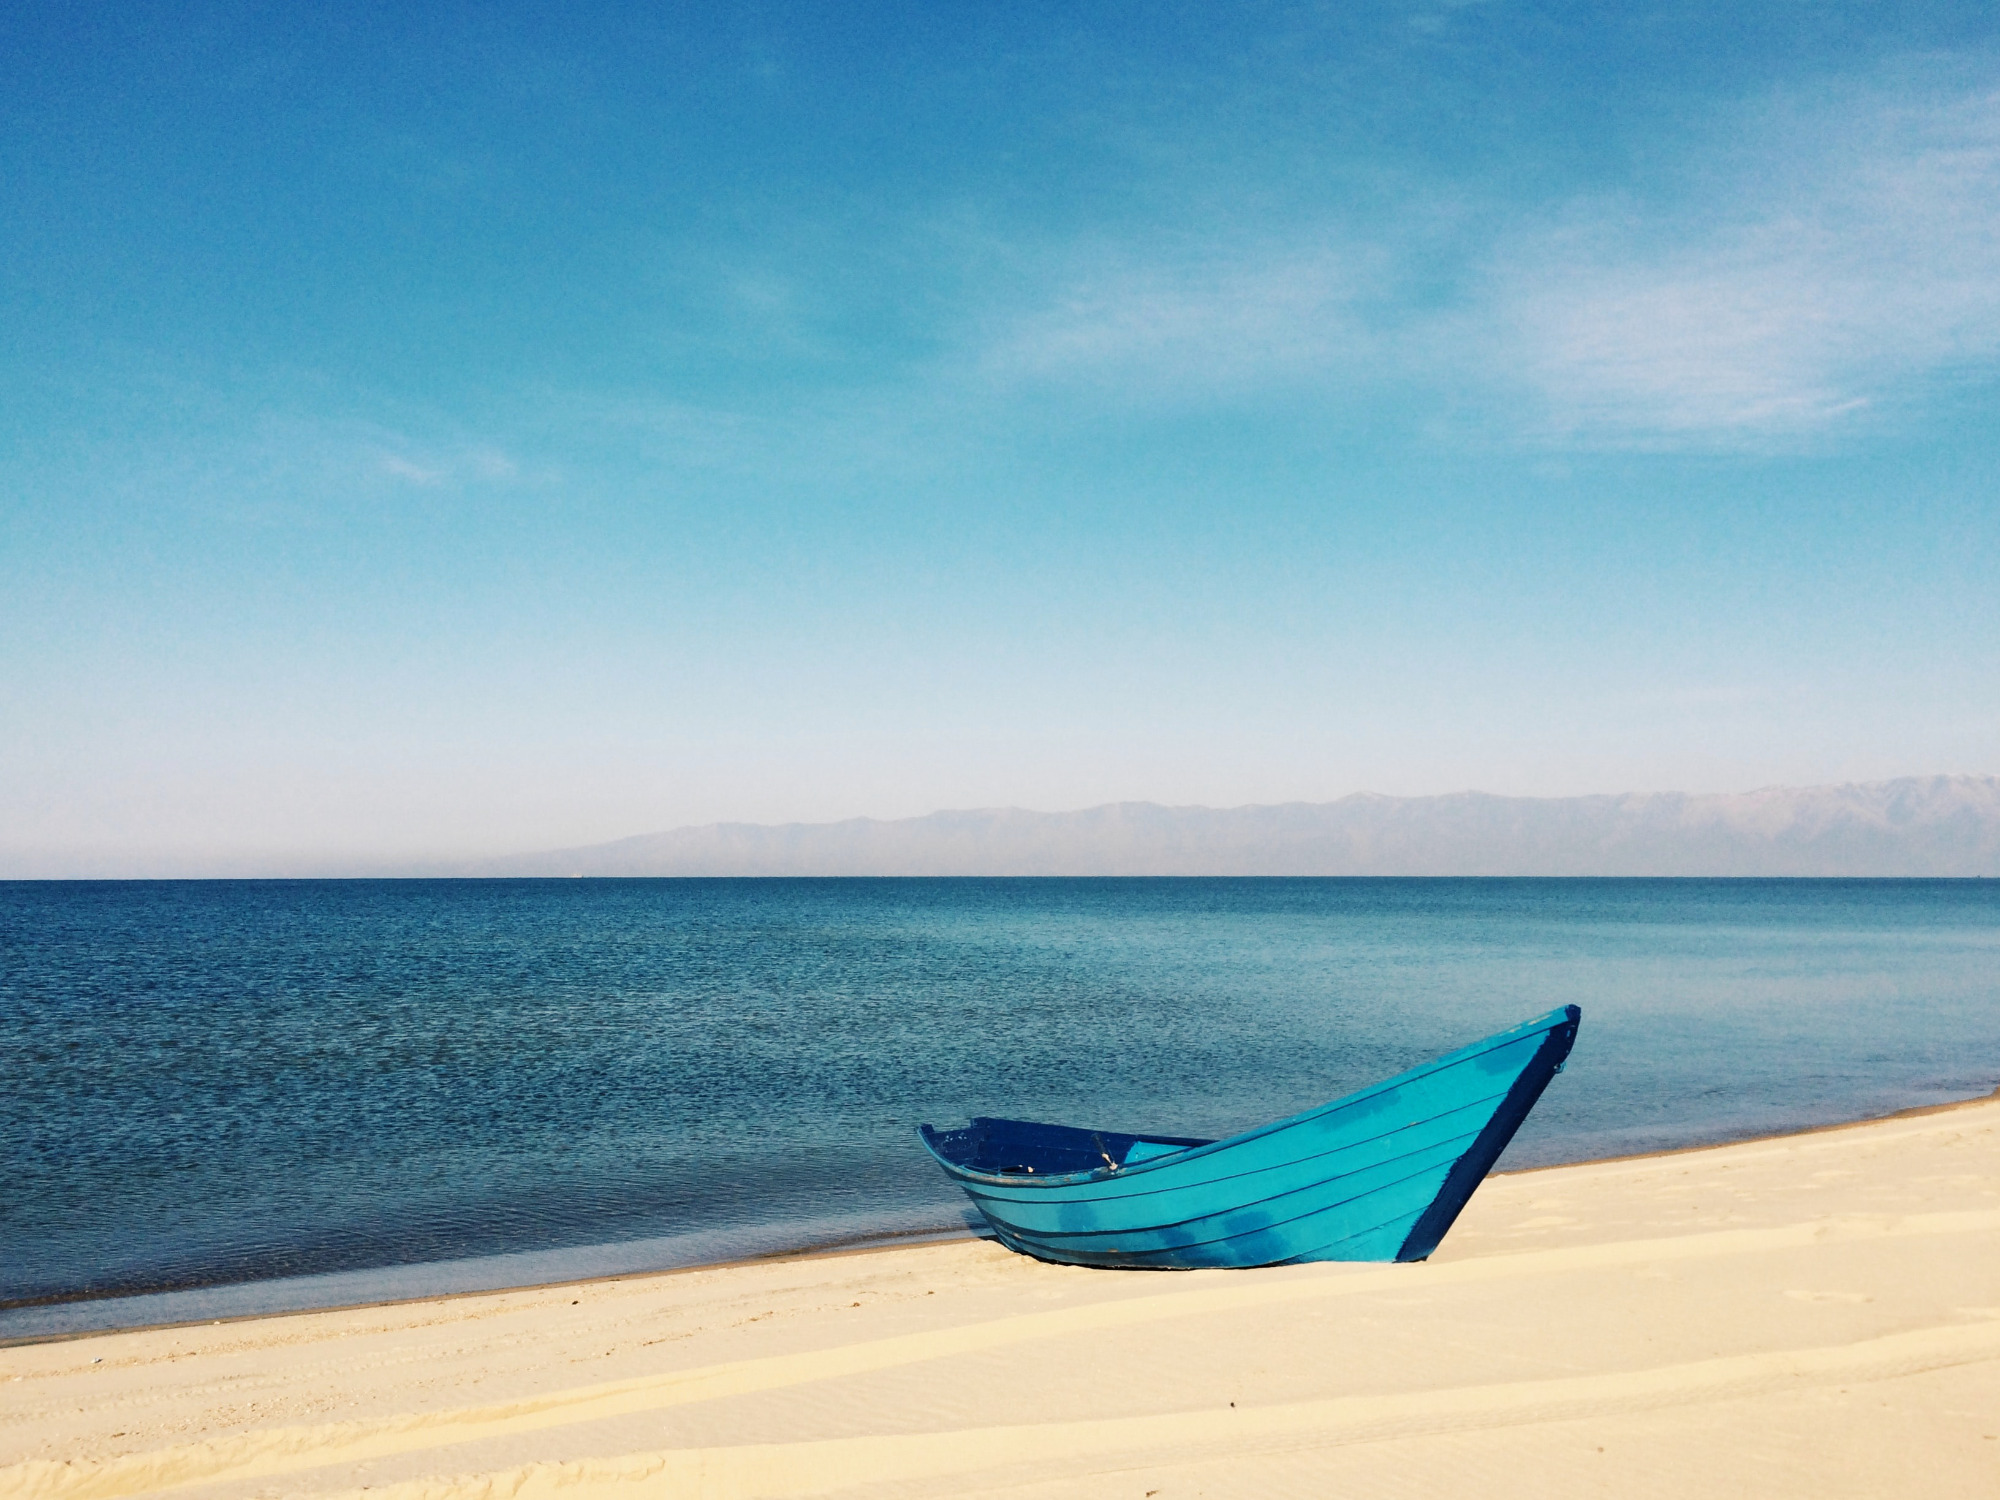 Rückblick: Sommerliche Woche am Roten Meer